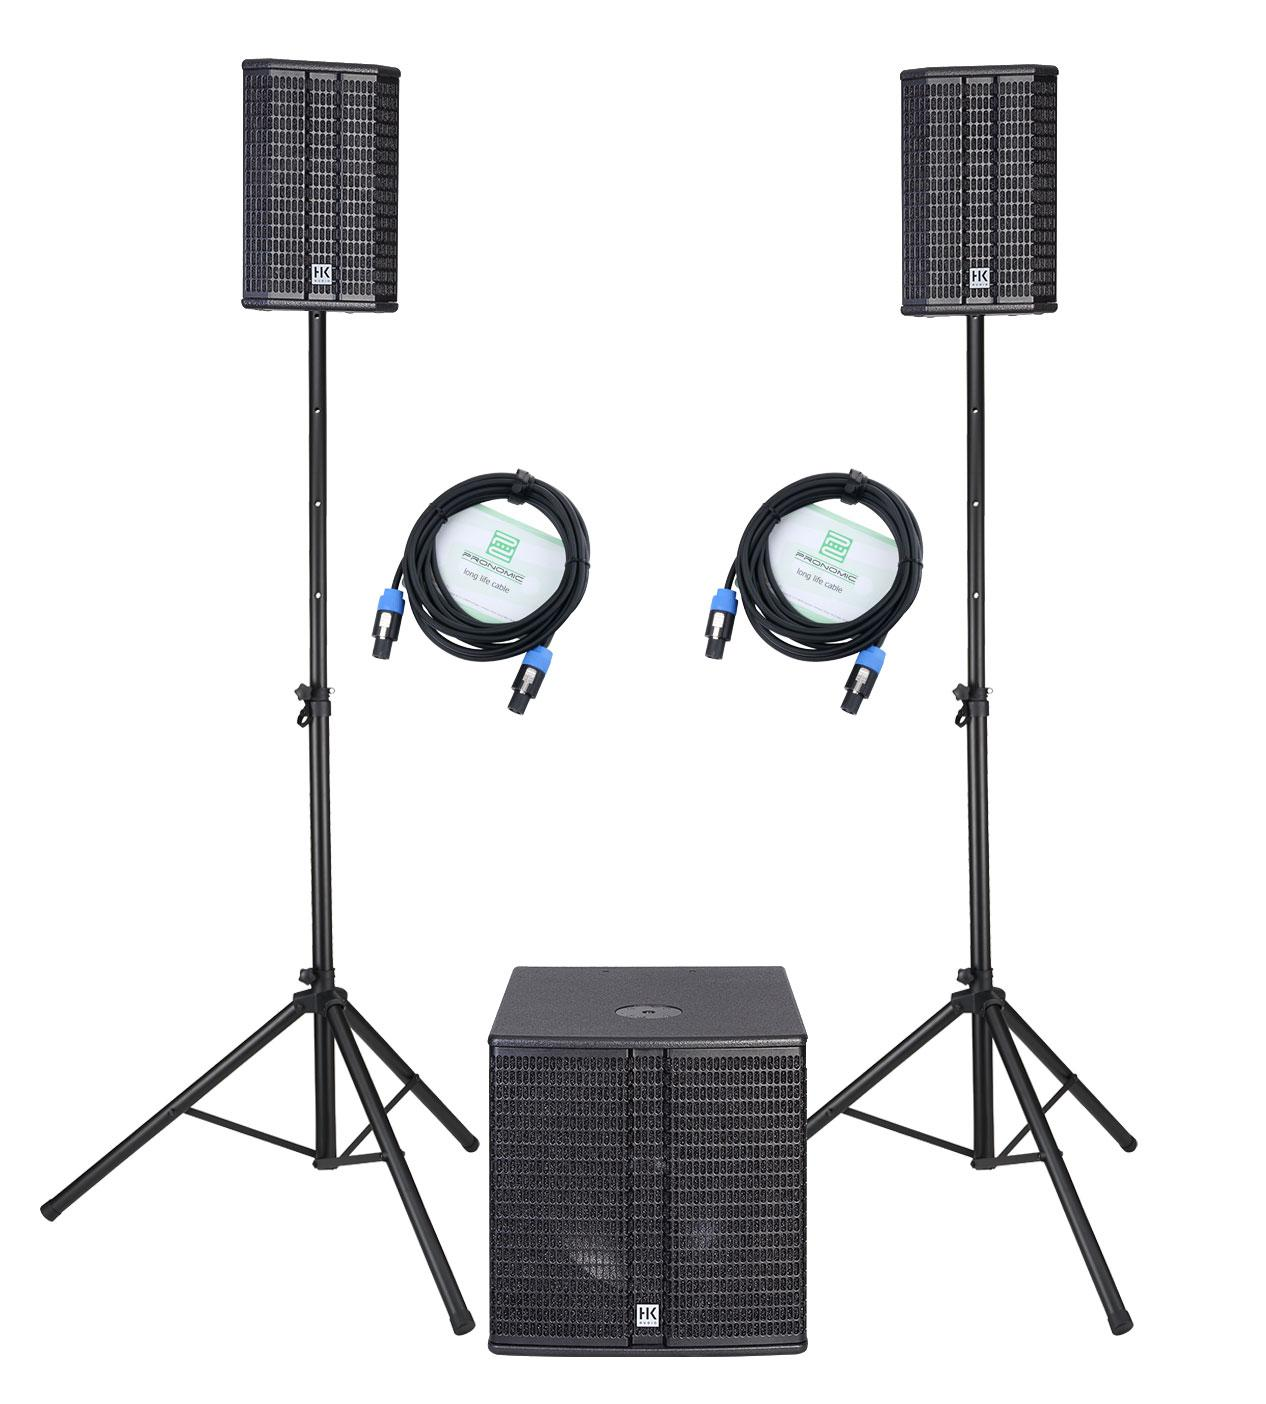 HK Lucas 2K15 System Aktivanlage Set inkl. Stative und Kabel